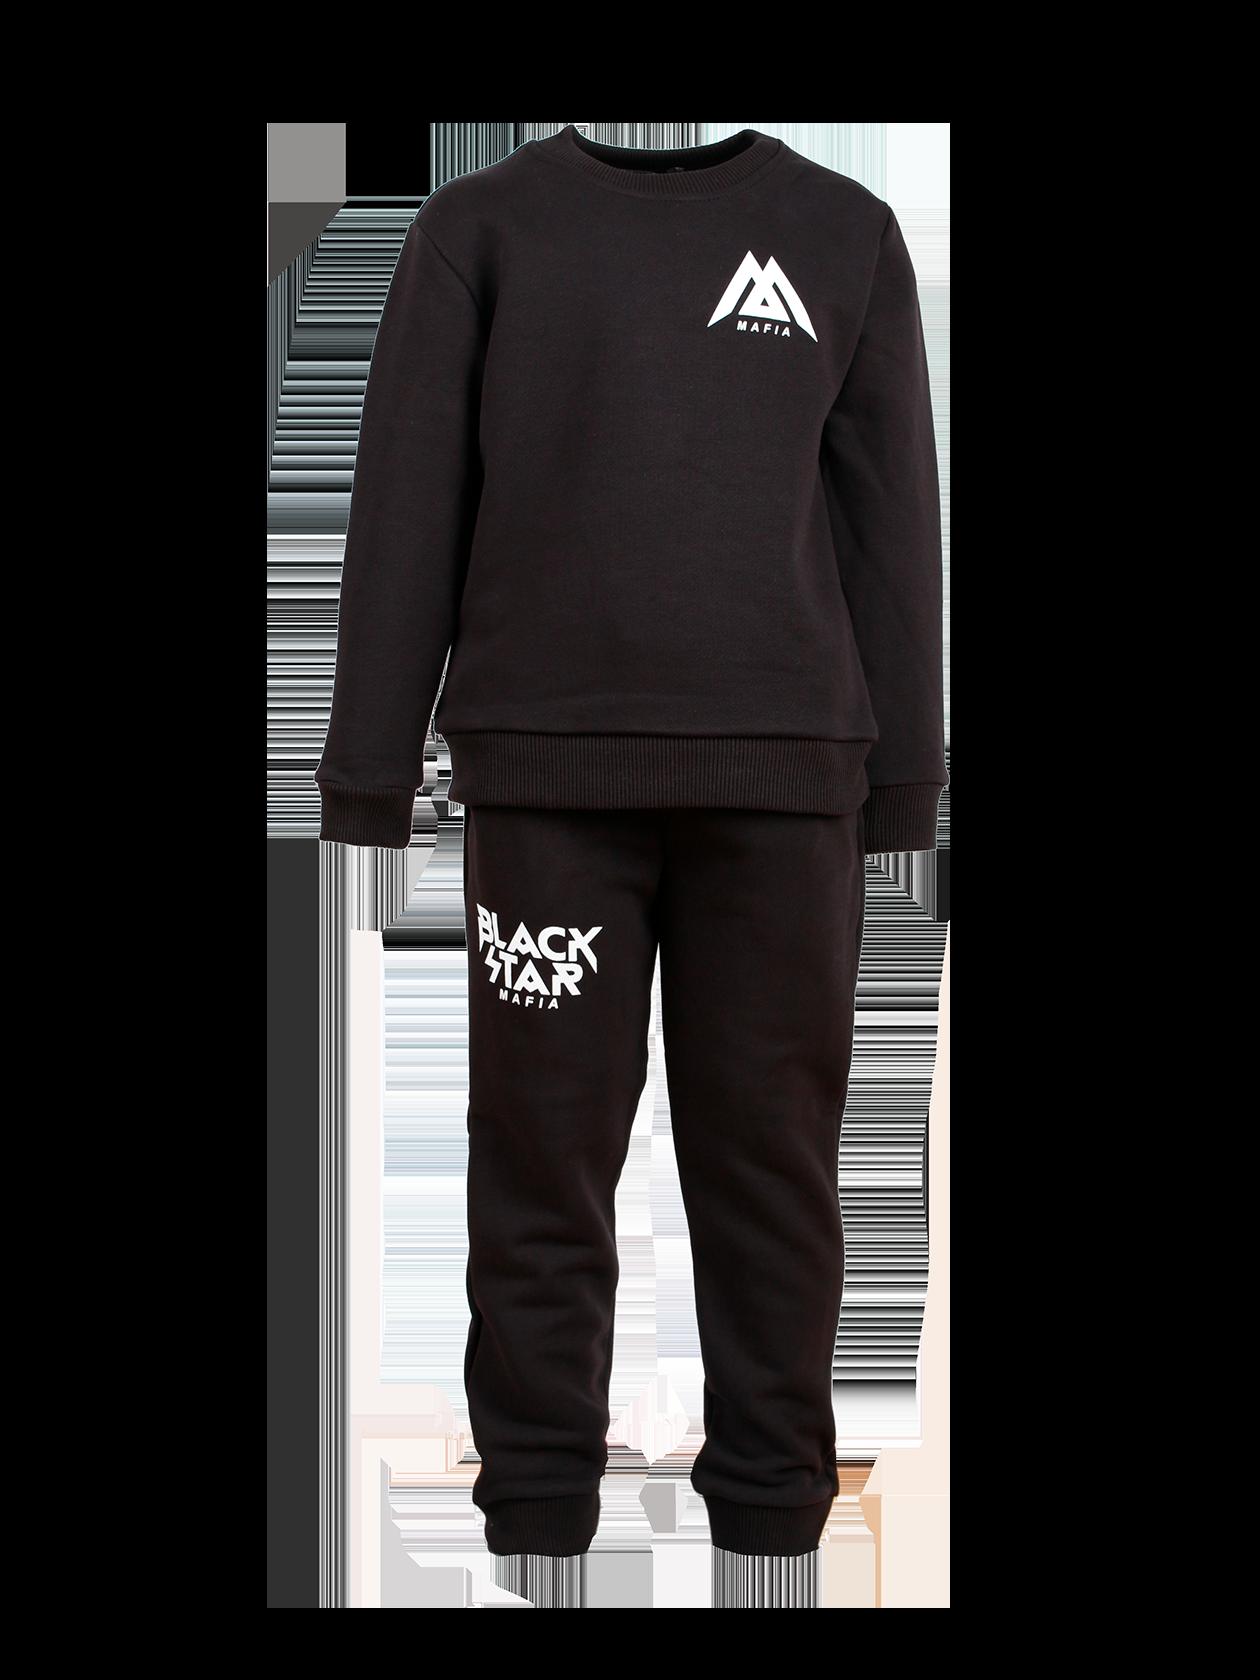 Костюм спортивный детский BLACK STAR MAFIA 2.0Детский спортивный костюм BLACK STAR MAFIA 2.0 в черном цвете – незаменимая вещь для прогулок и активных занятий. Модель сшита из бленда натурального хлопка с небольшим содержанием эластичного материала, за счет чего она обладает высокой практичностью и носкостью. Верх представлен свитшотом прямого кроя с длиной до бедер, брюки сужаются к низу. Низ рукавов, пояс толстовки и штанов отделаны эластичной резинкой, идеально фиксирующей изделие на теле. Контрастные нашивки Black Star Mafia на груди и правом бедре – стильный элемент дизайна.<br><br>Размер: 5-6 years<br>Цвет: Черный<br>Пол: Унисекс